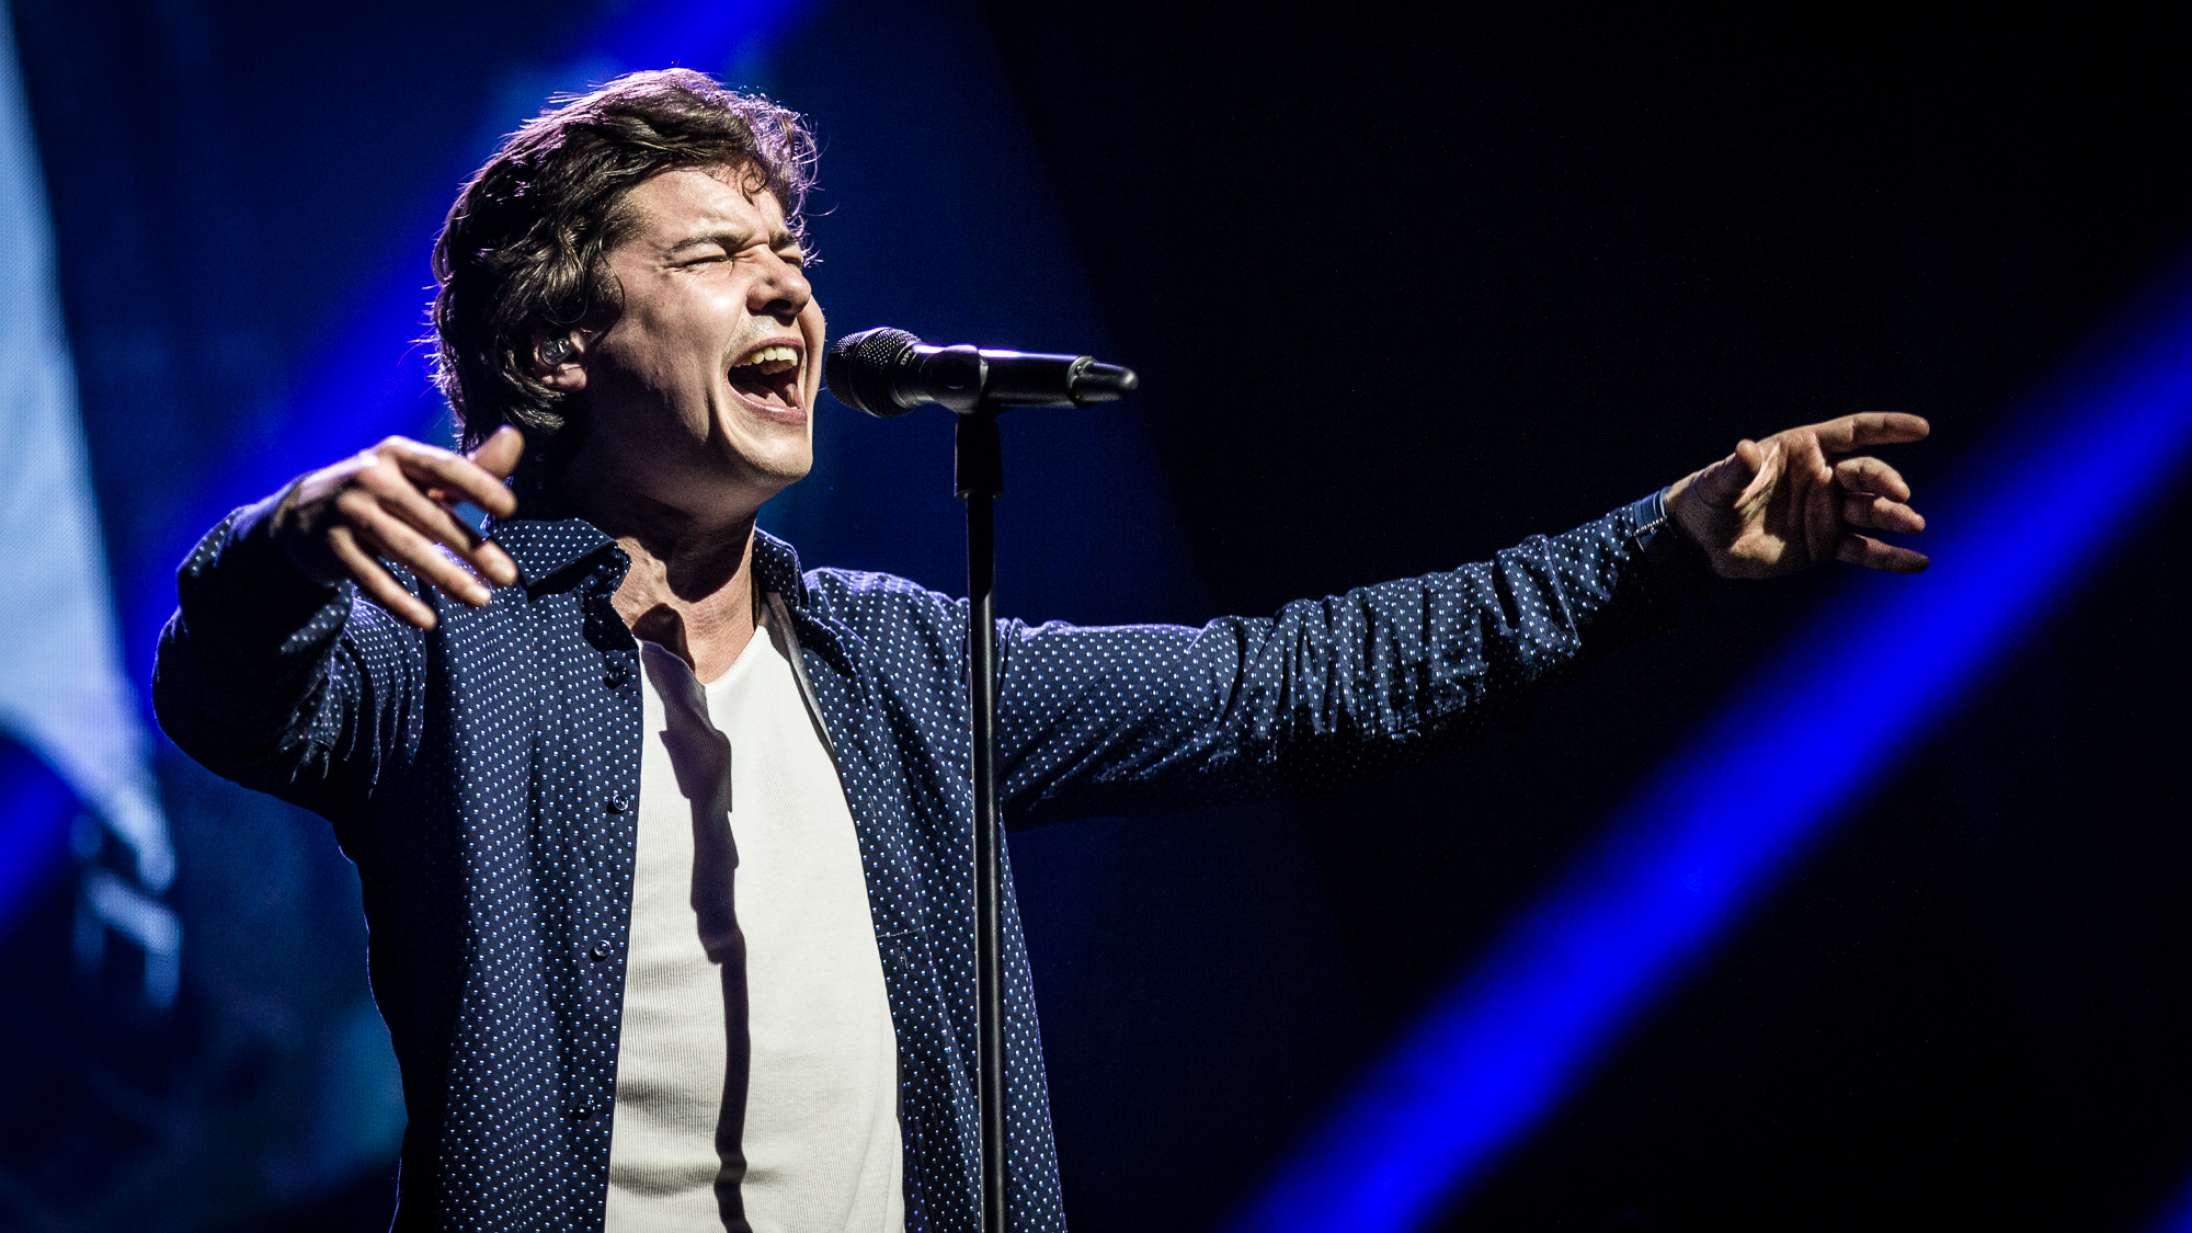 Lukas Graham annoncerer stort opsat sommerkoncert på Roskilde Dyrskueplads